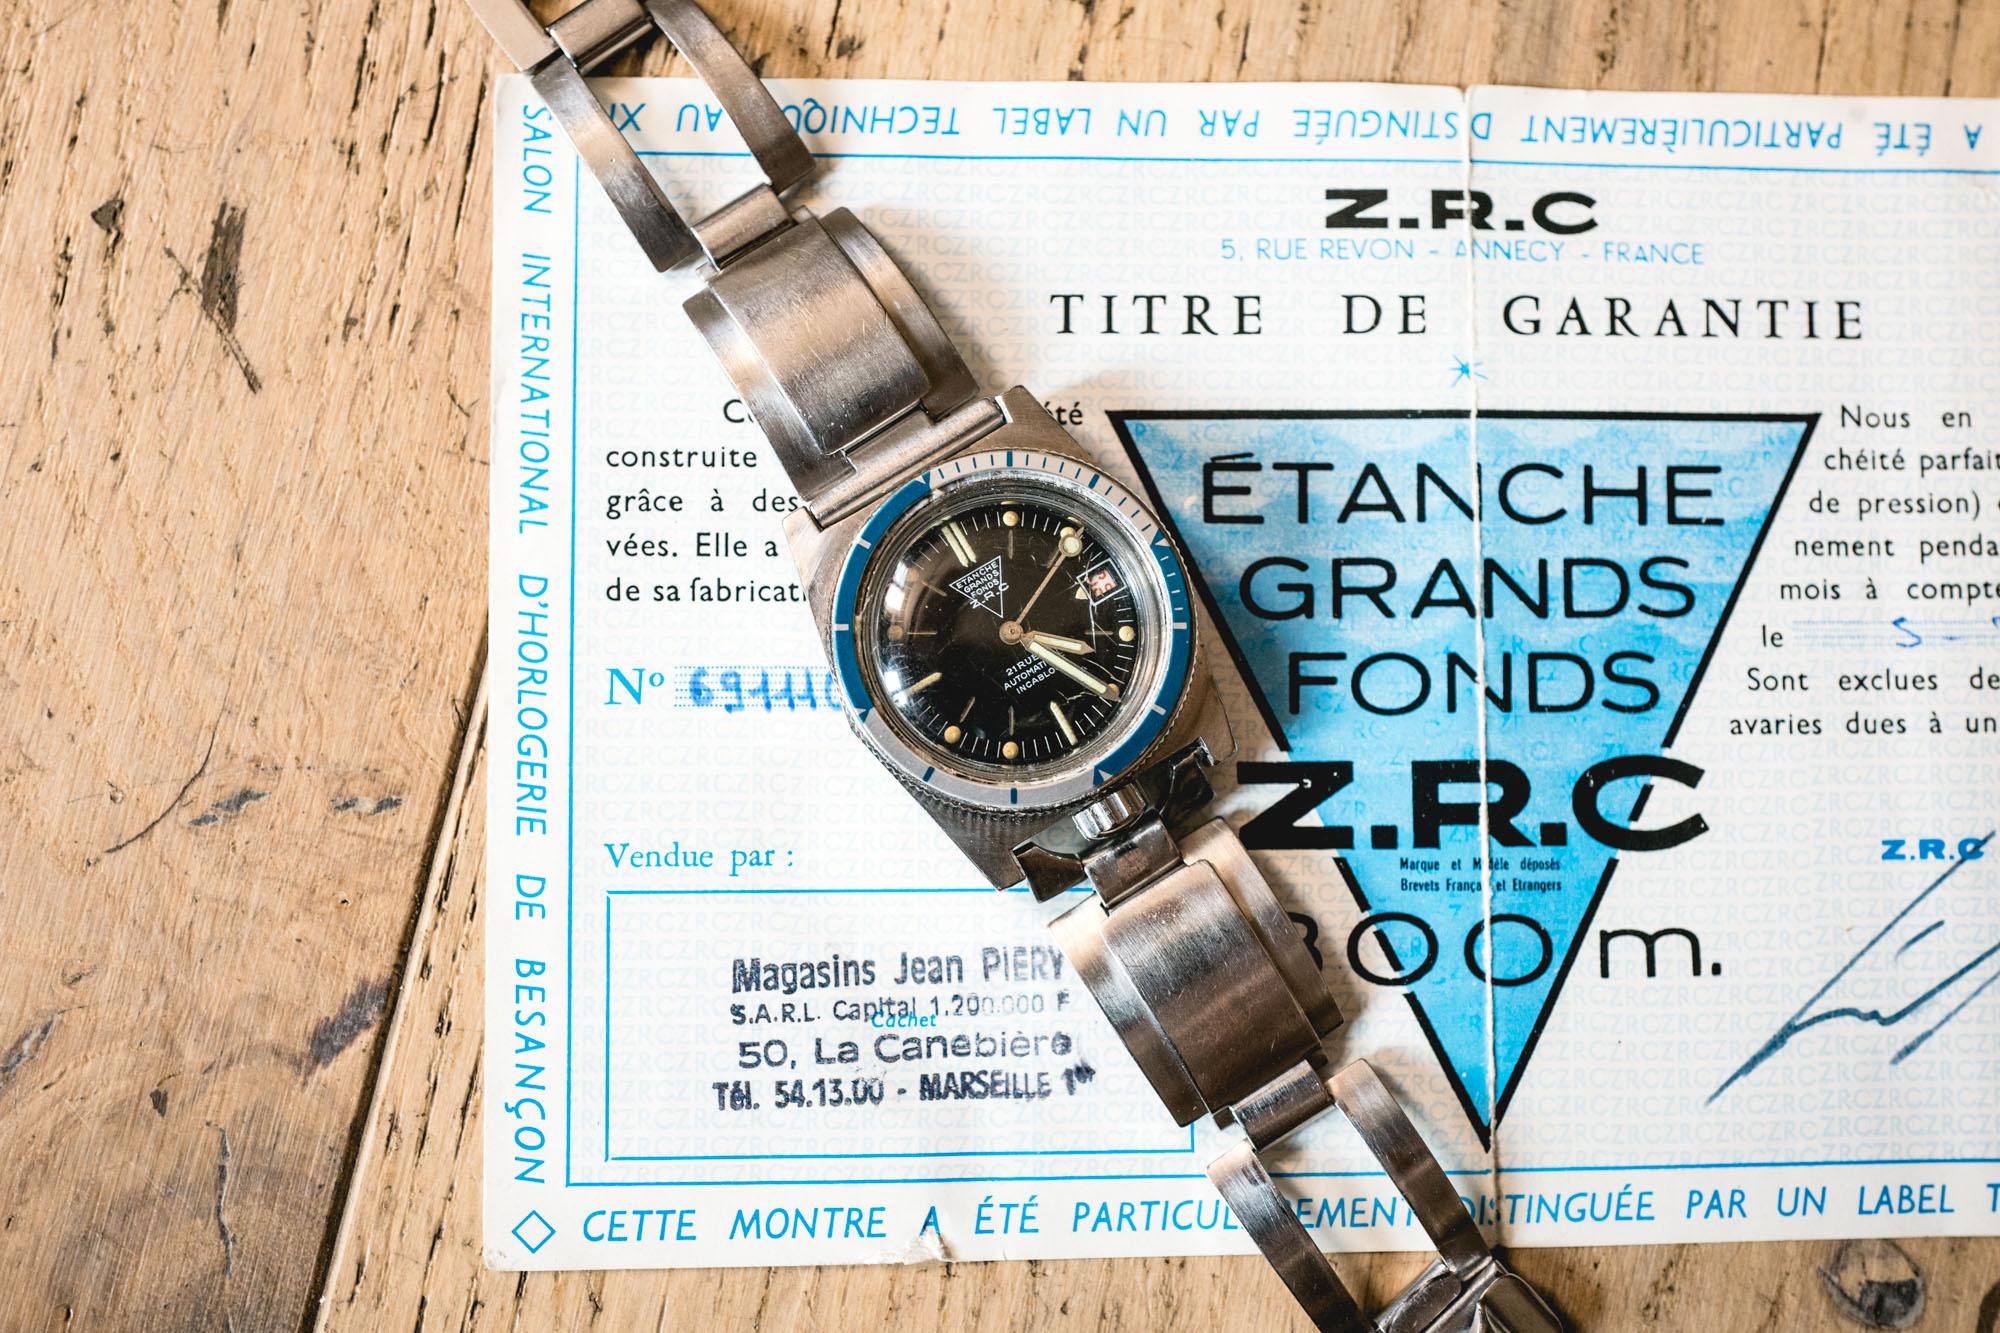 Leclere - Vente de Montres de Collection - ZRC Grands Fonds